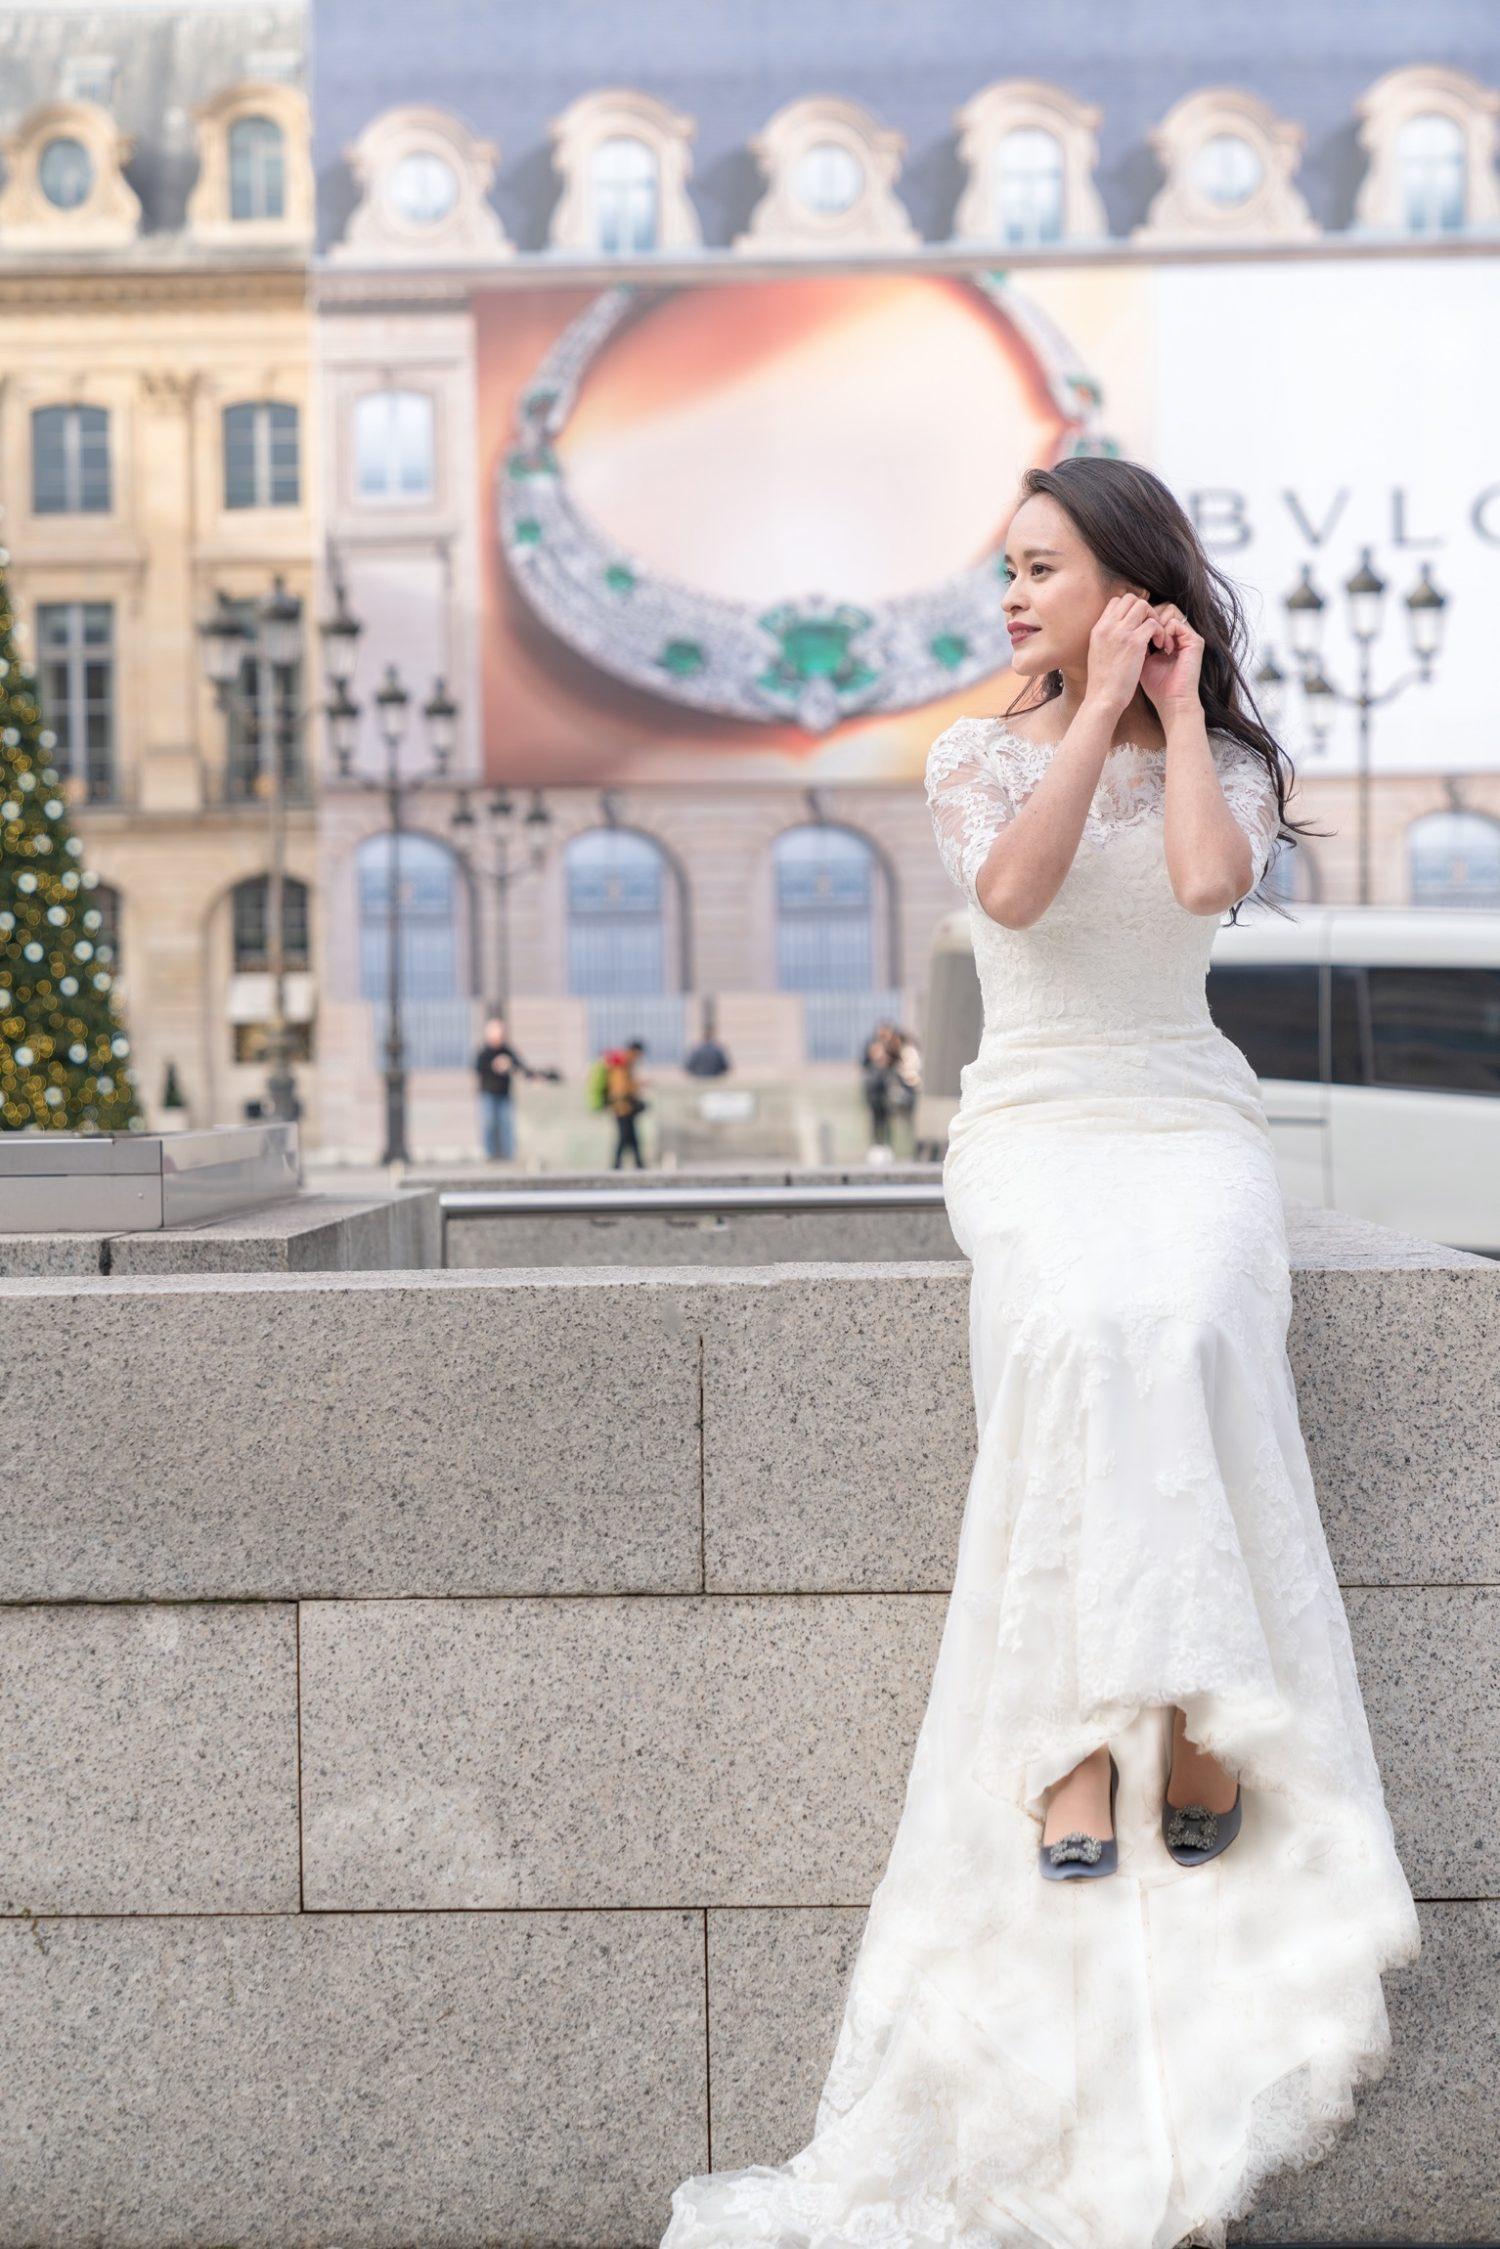 花嫁が衣装やアクセサリーを直す瞬間は自然体で撮るシャッターチャンス